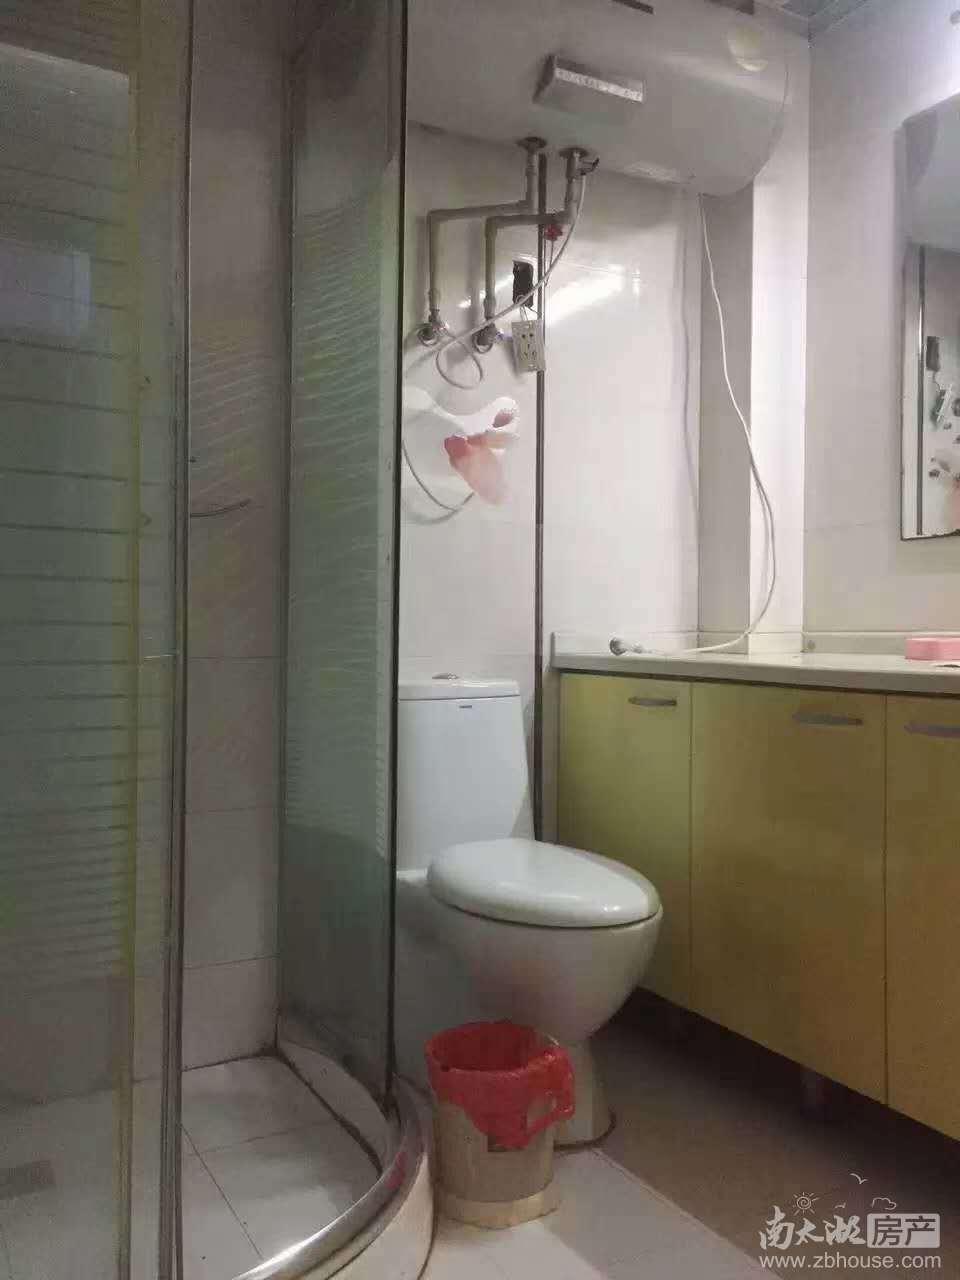 吉山3村4楼 两室一厅 良装 看房方便 空2 家电家具齐